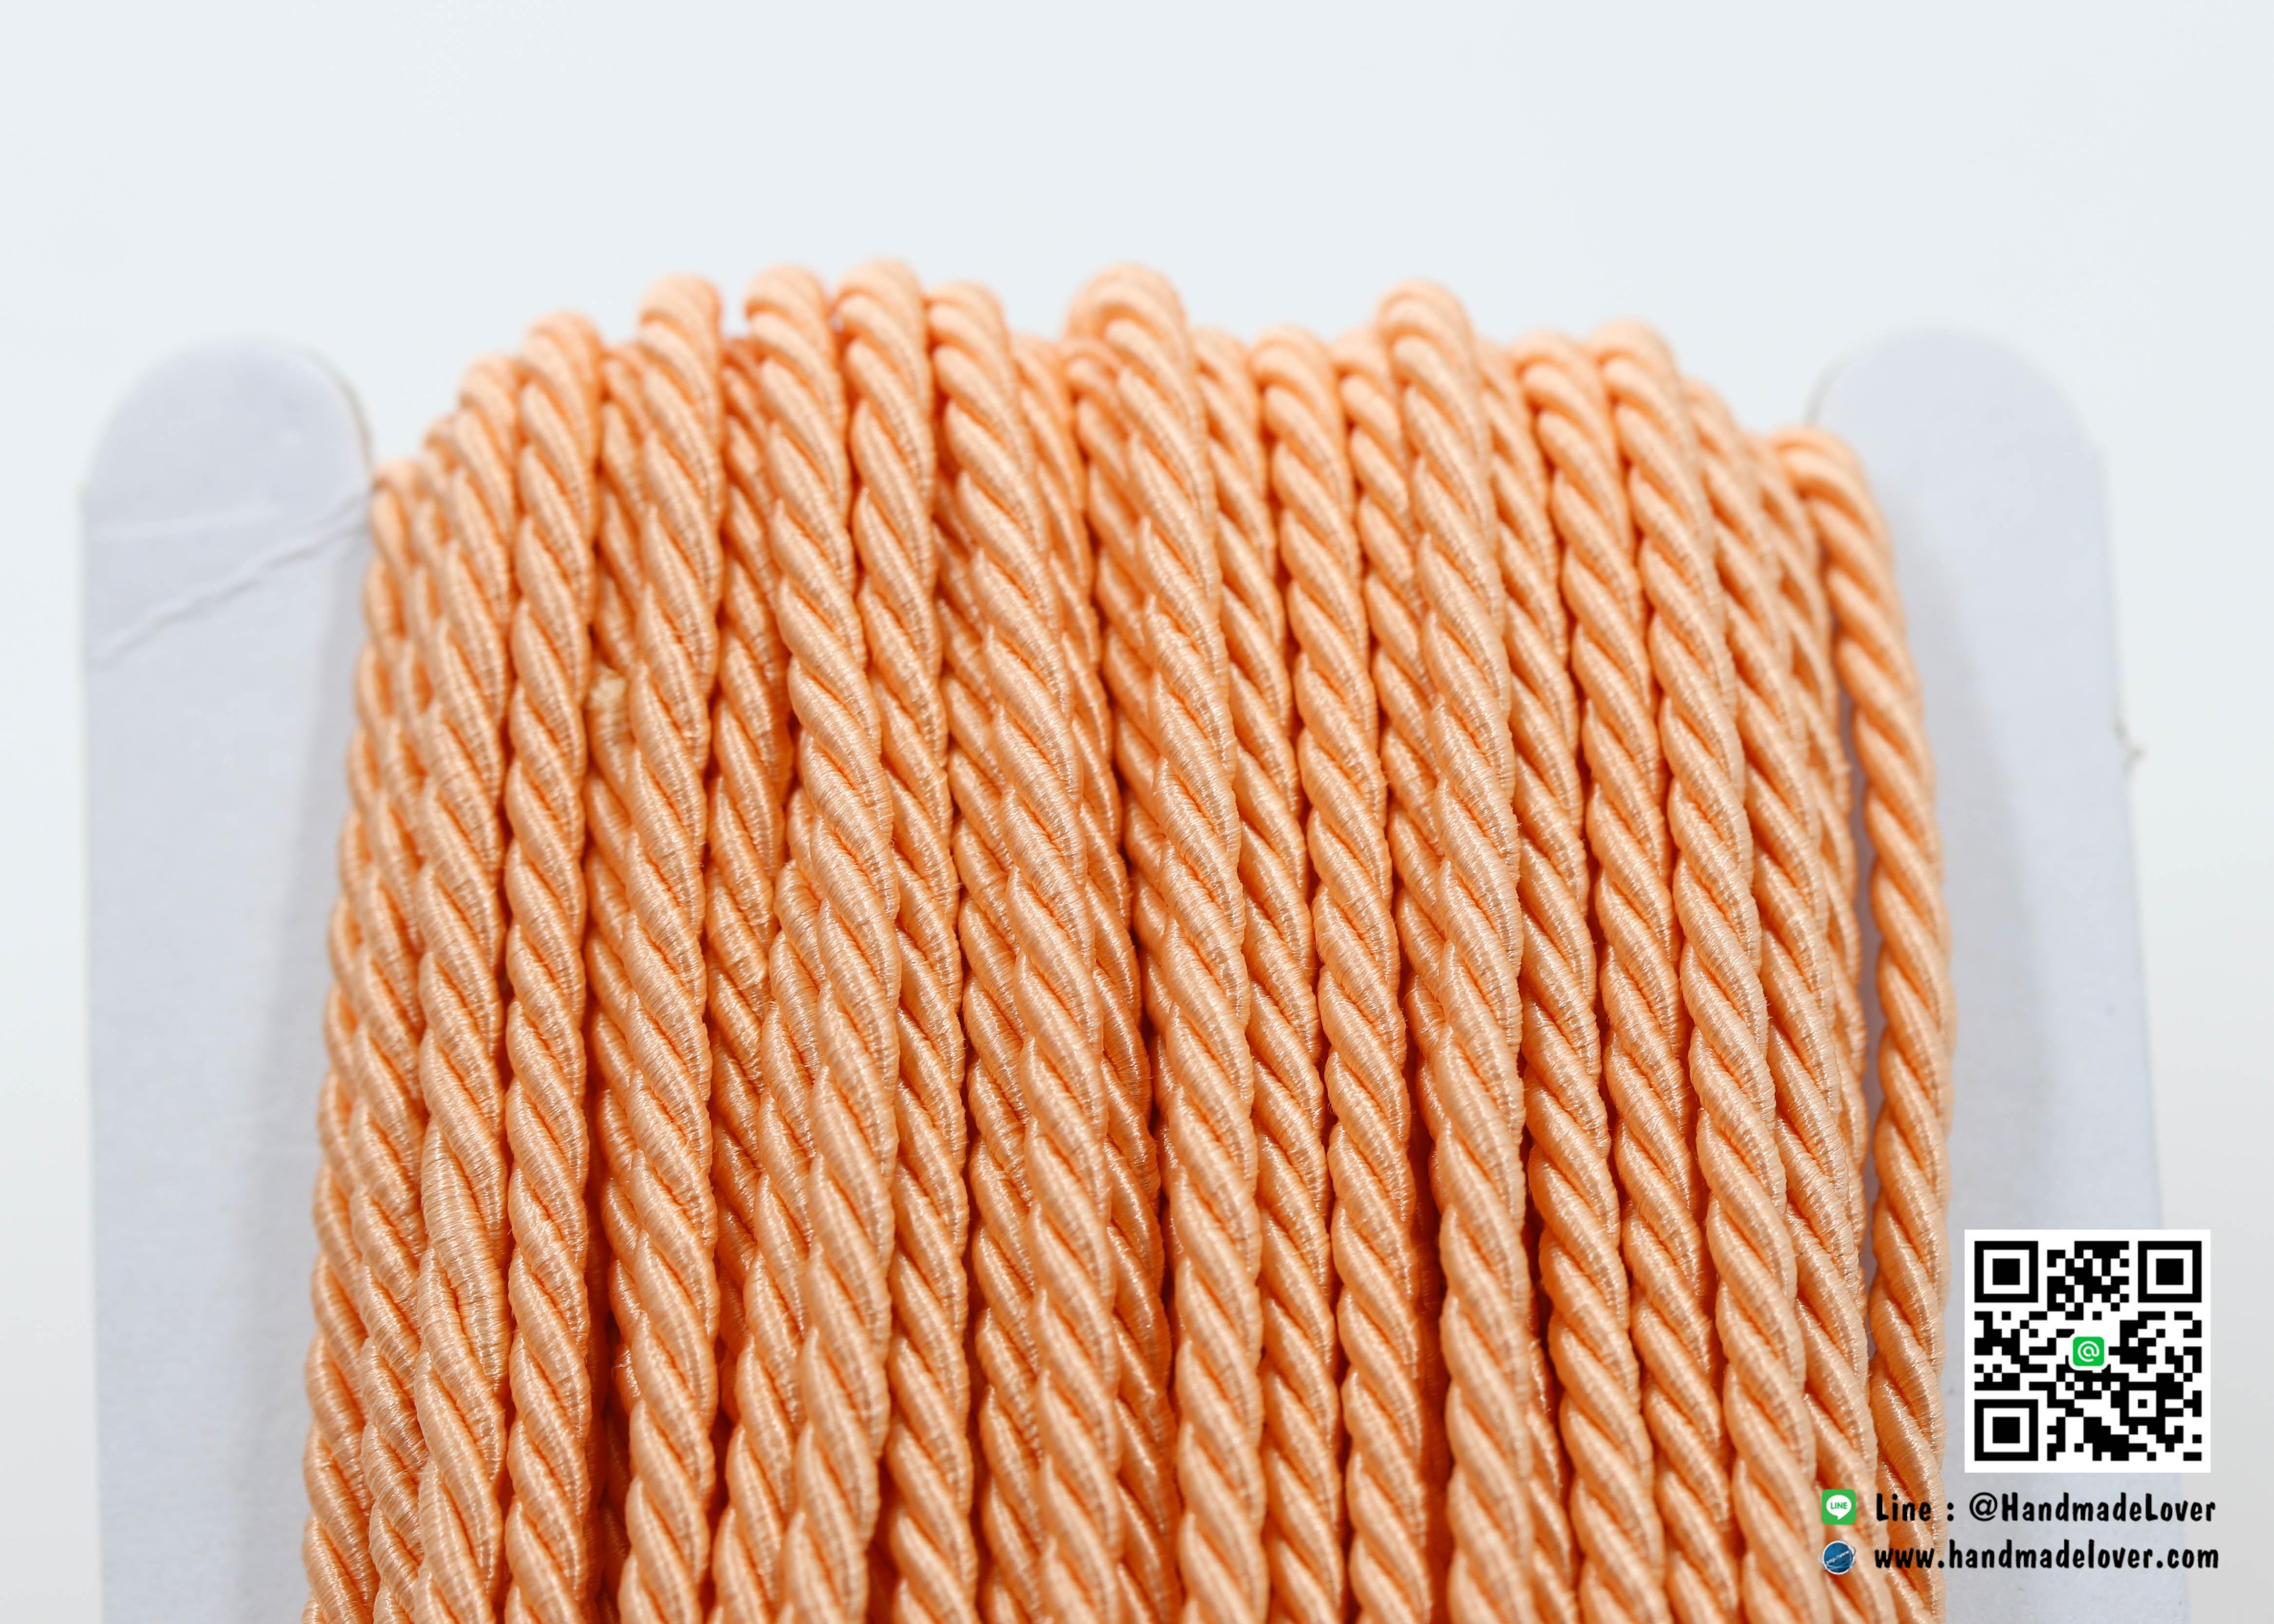 เชือกเกลียว สีโอรส [153] ขนาด 3 mm.